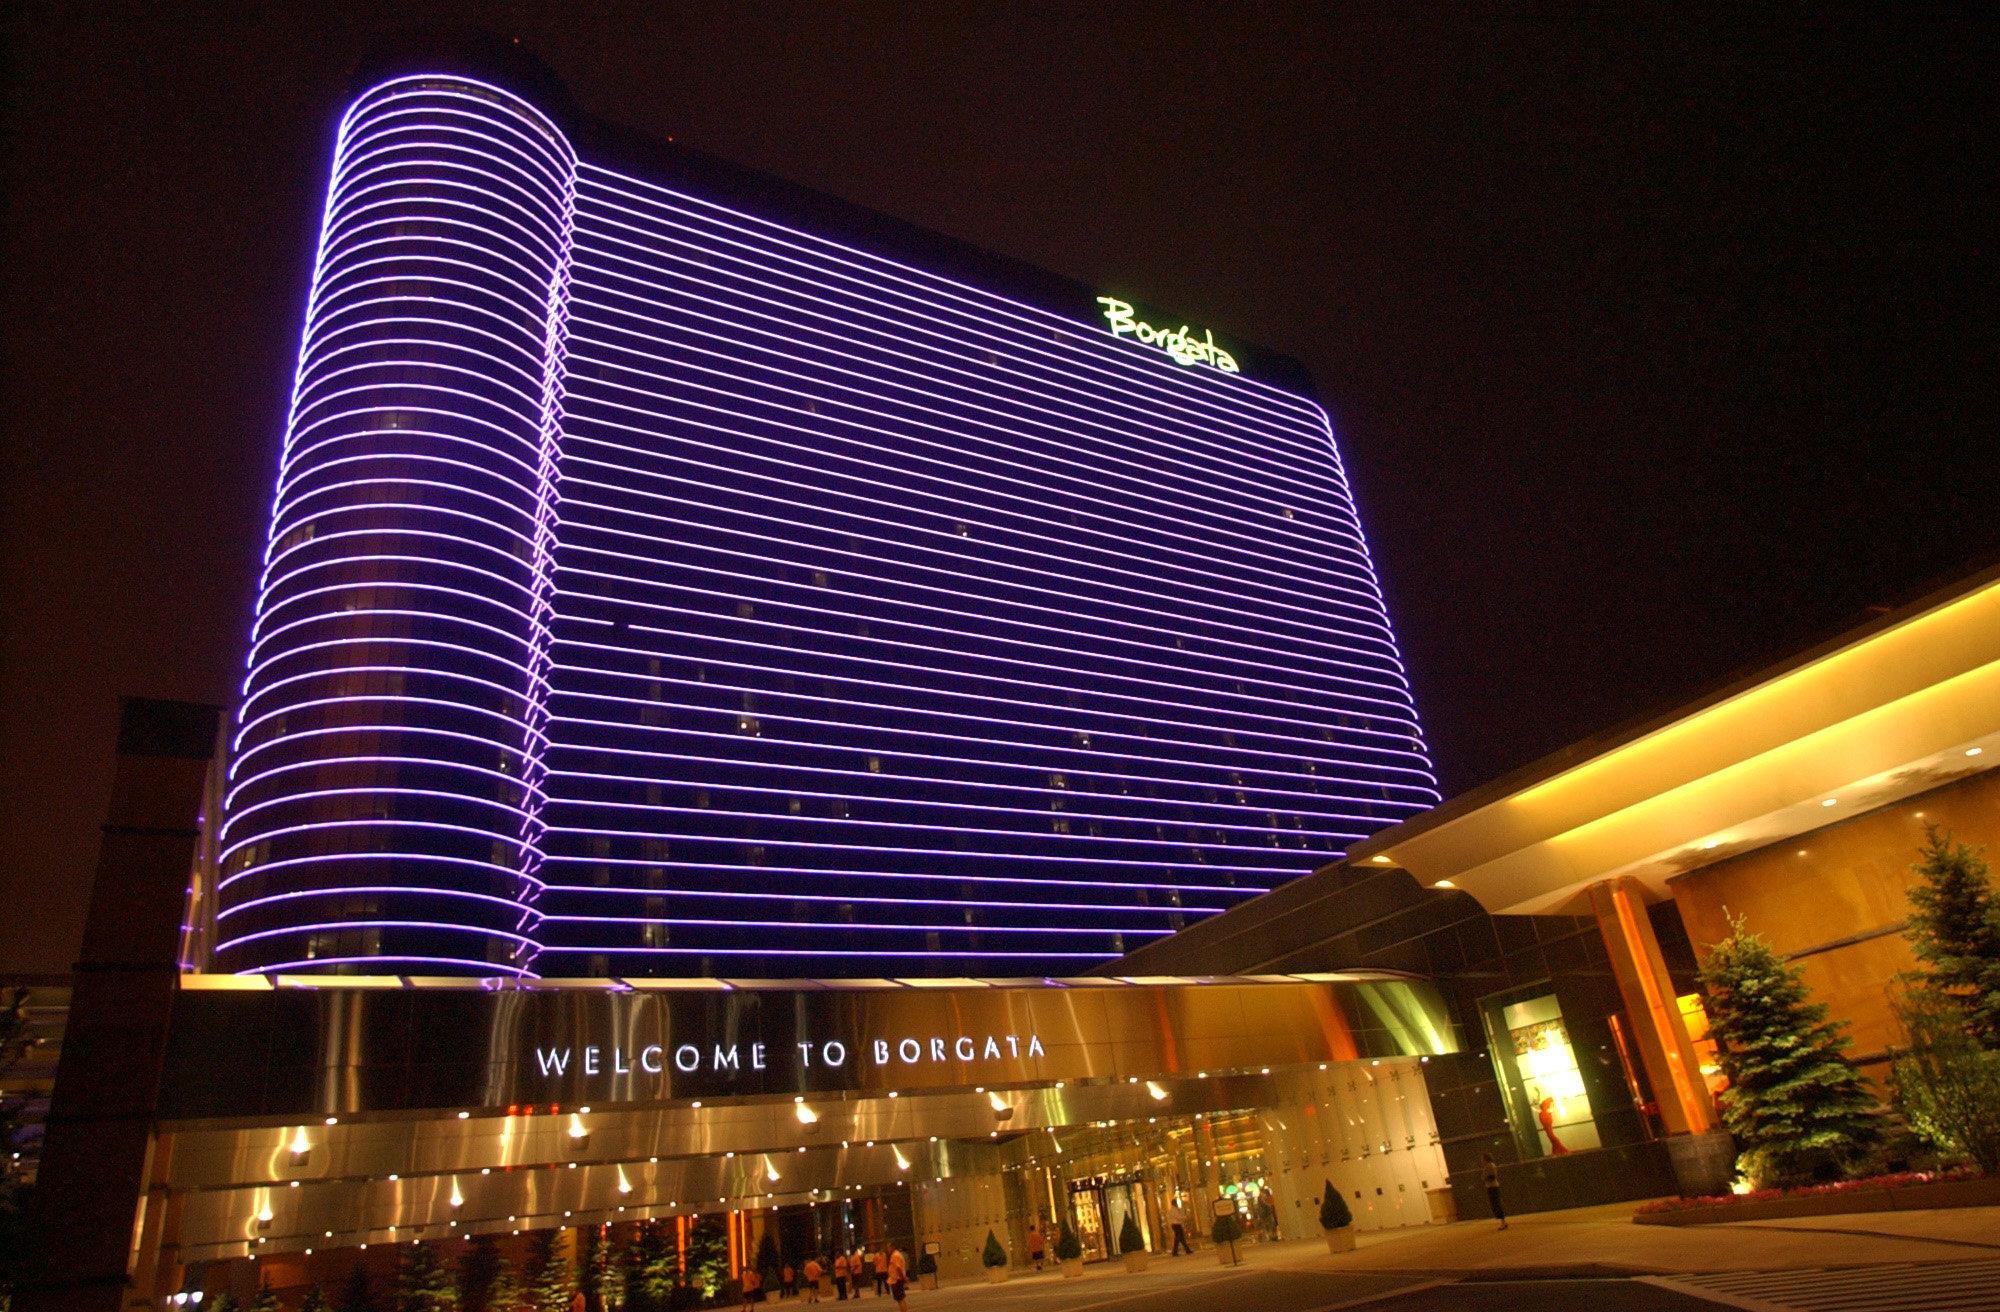 Hurricane Irene cost Atlantic City's Borgata Casino $10M in lost ...